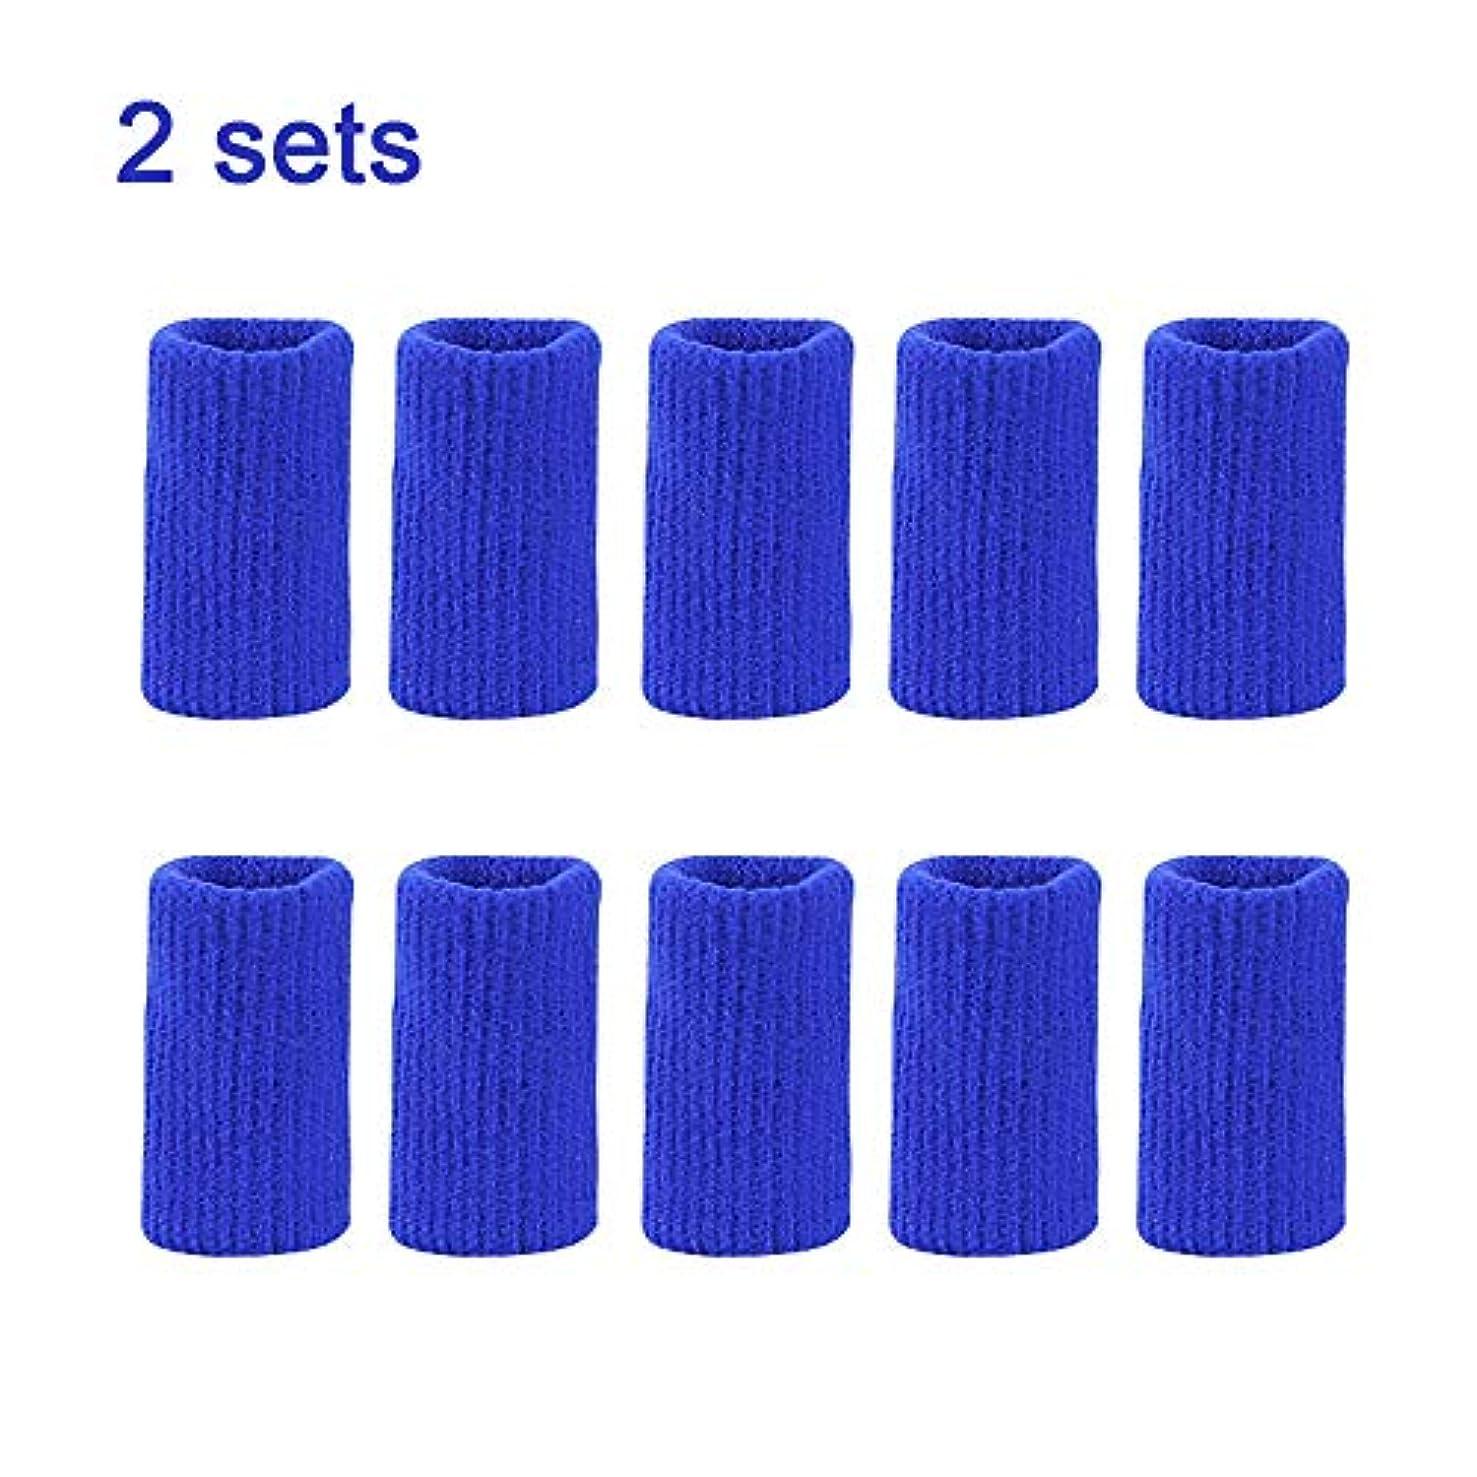 束ねる安全性水指プロテクタースリーブ2セットナイロンニット指関節カバー防止摩擦関節炎ストレッチサポートスポーツ補助バスケットボール指ガード,ブルー